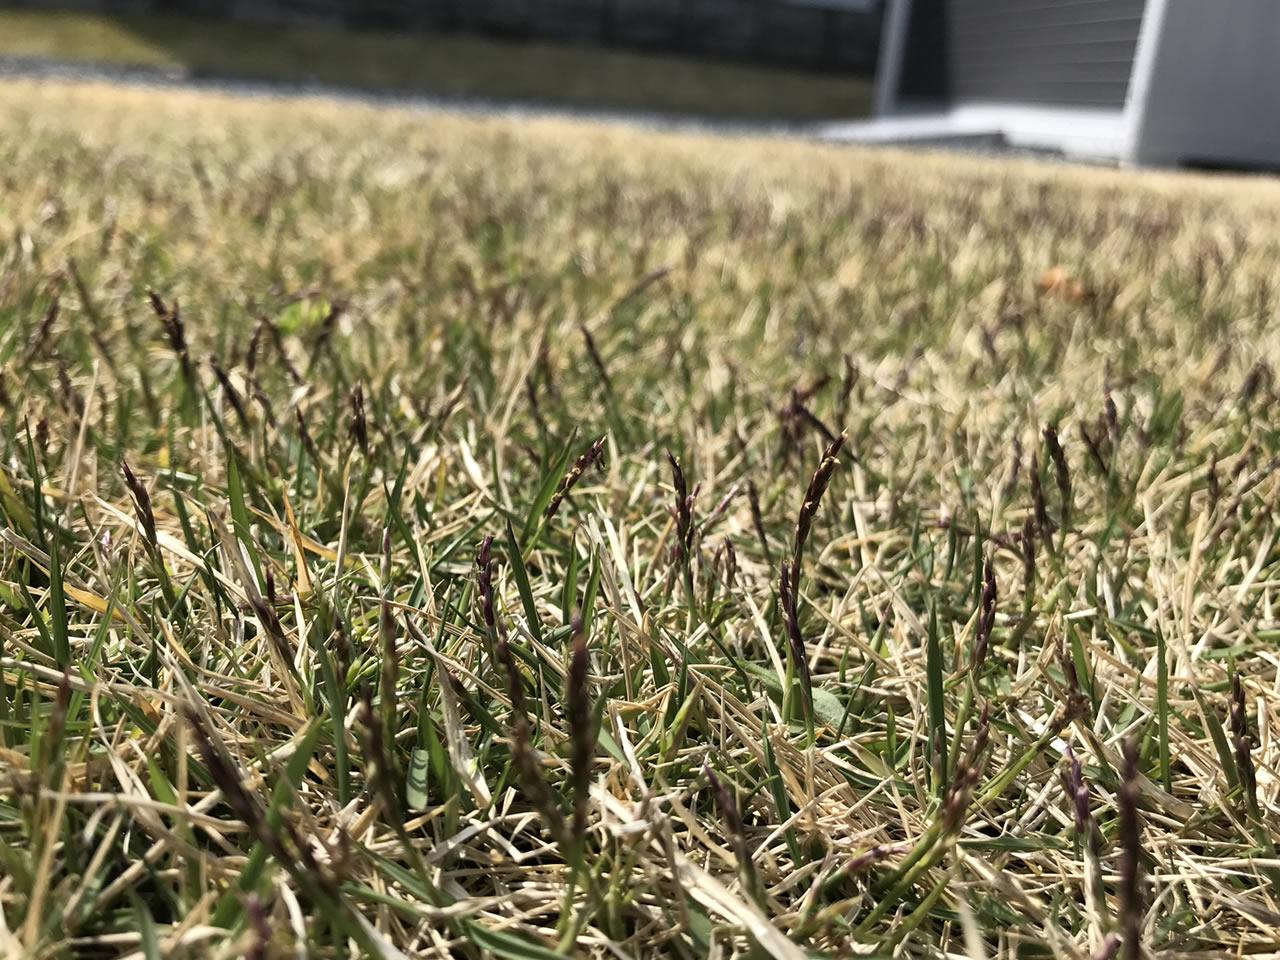 芝生の花が咲いた状態